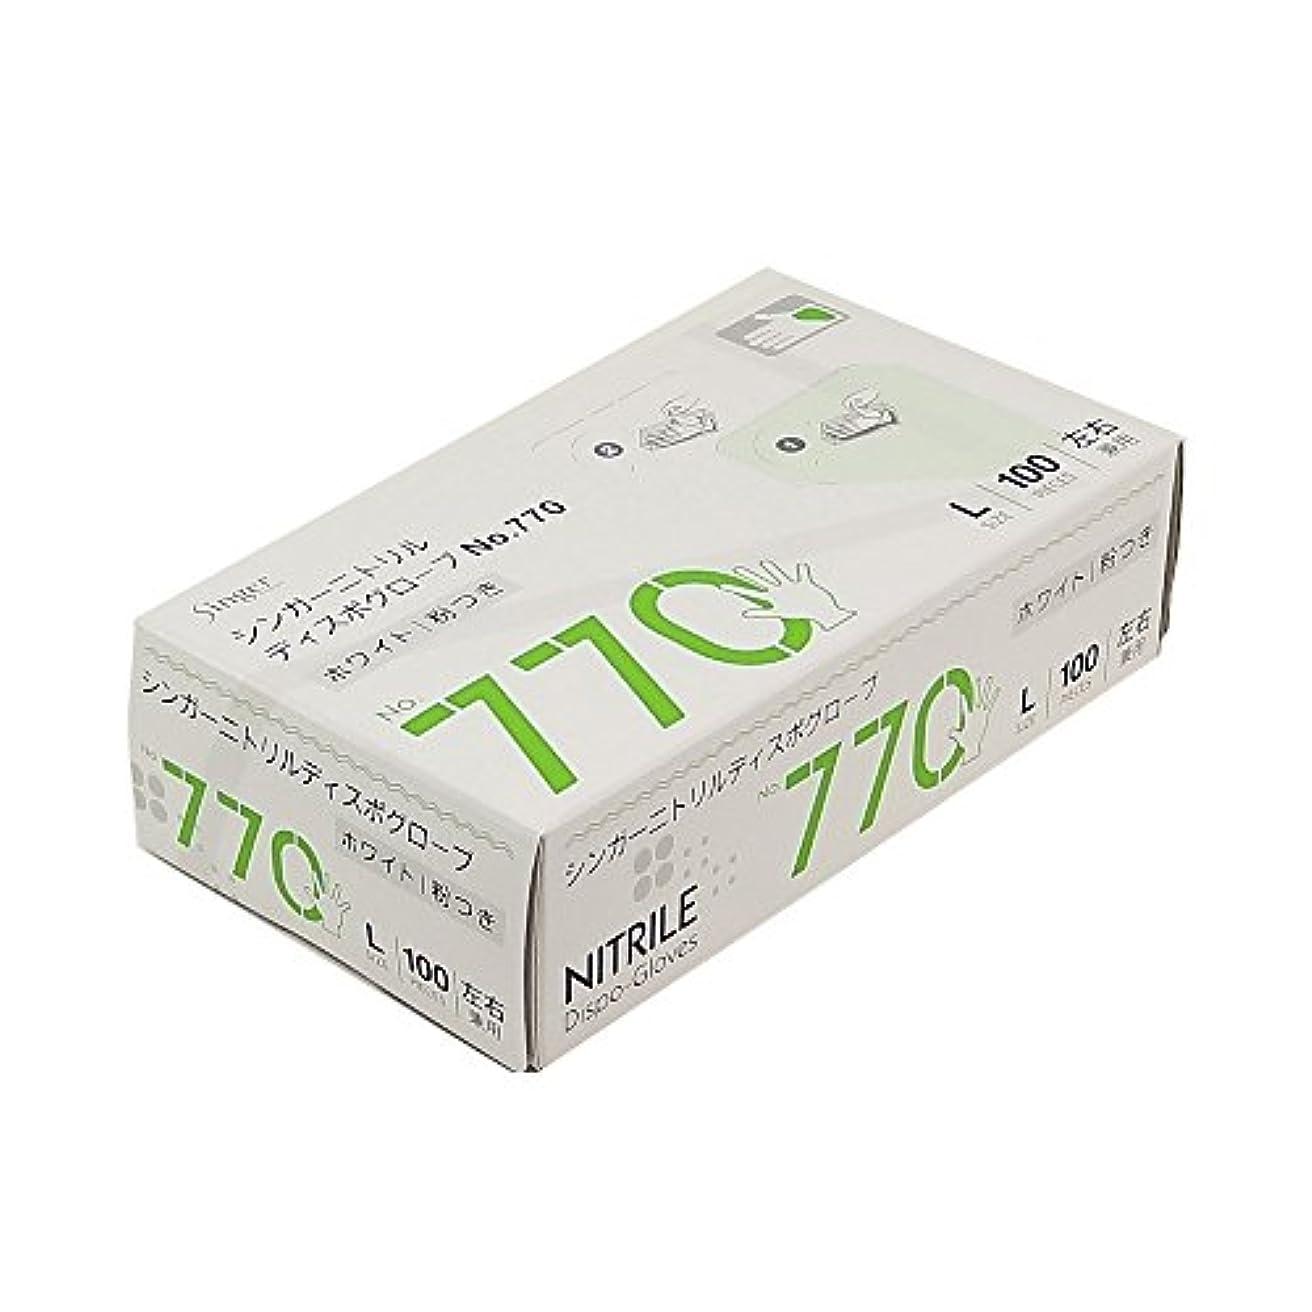 拾う対素人宇都宮製作 ディスポ手袋 シンガーニトリルディスポグローブ No.770 ホワイト 粉付 100枚入  L